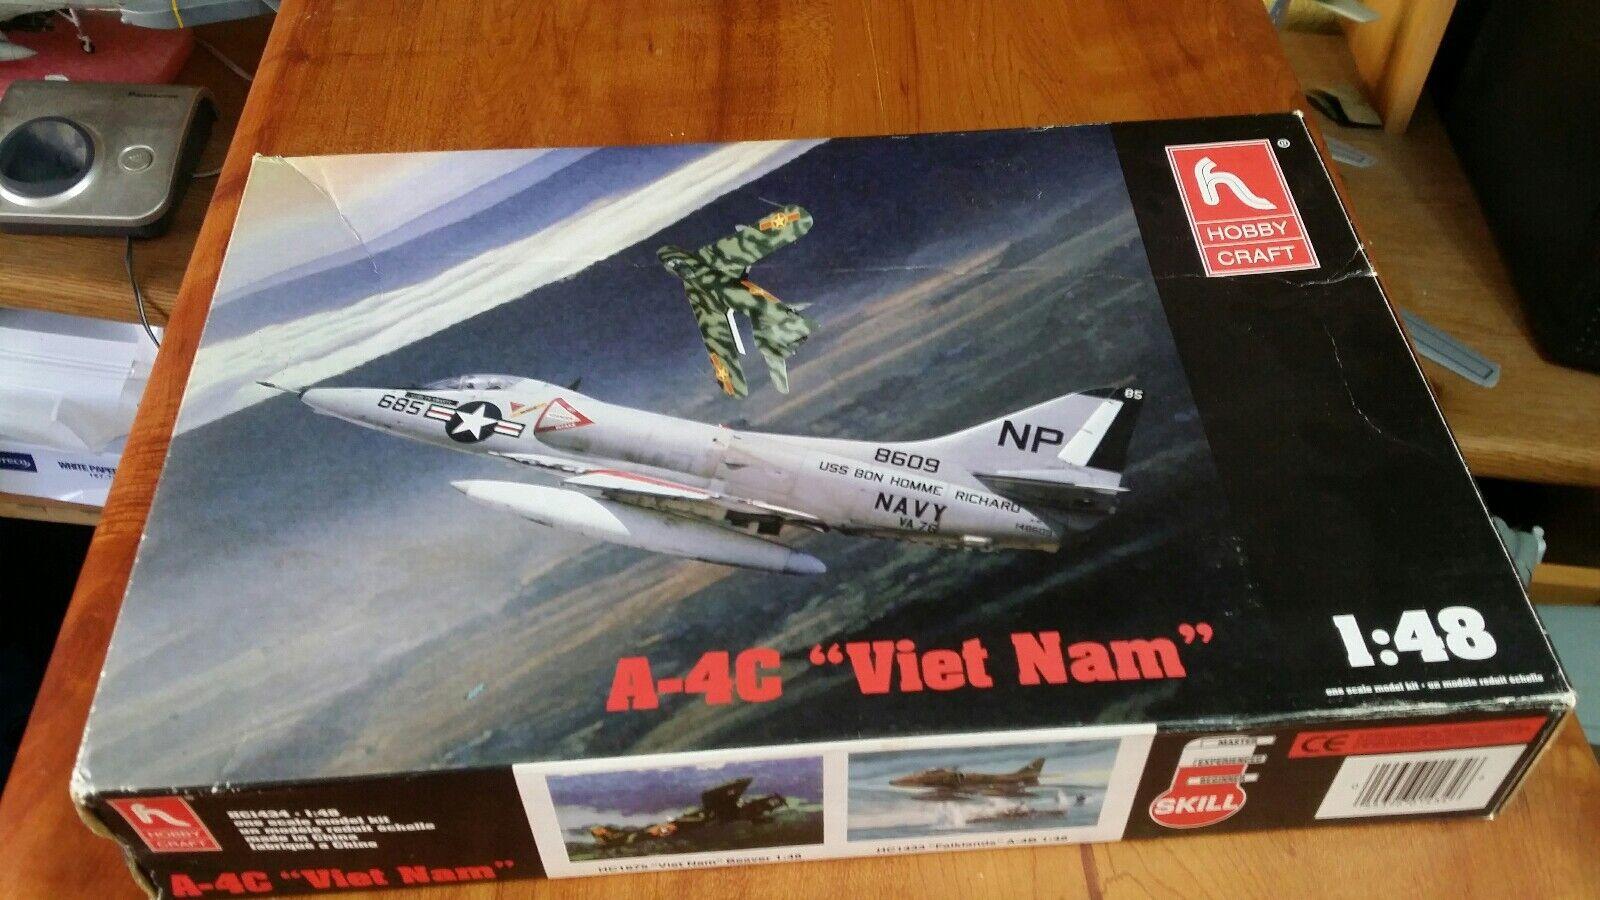 ahorra 50% -75% de descuento A4C  Skyhawk     VIETNAM MALVINAS 1 48 Hobbycraft  tienda en linea